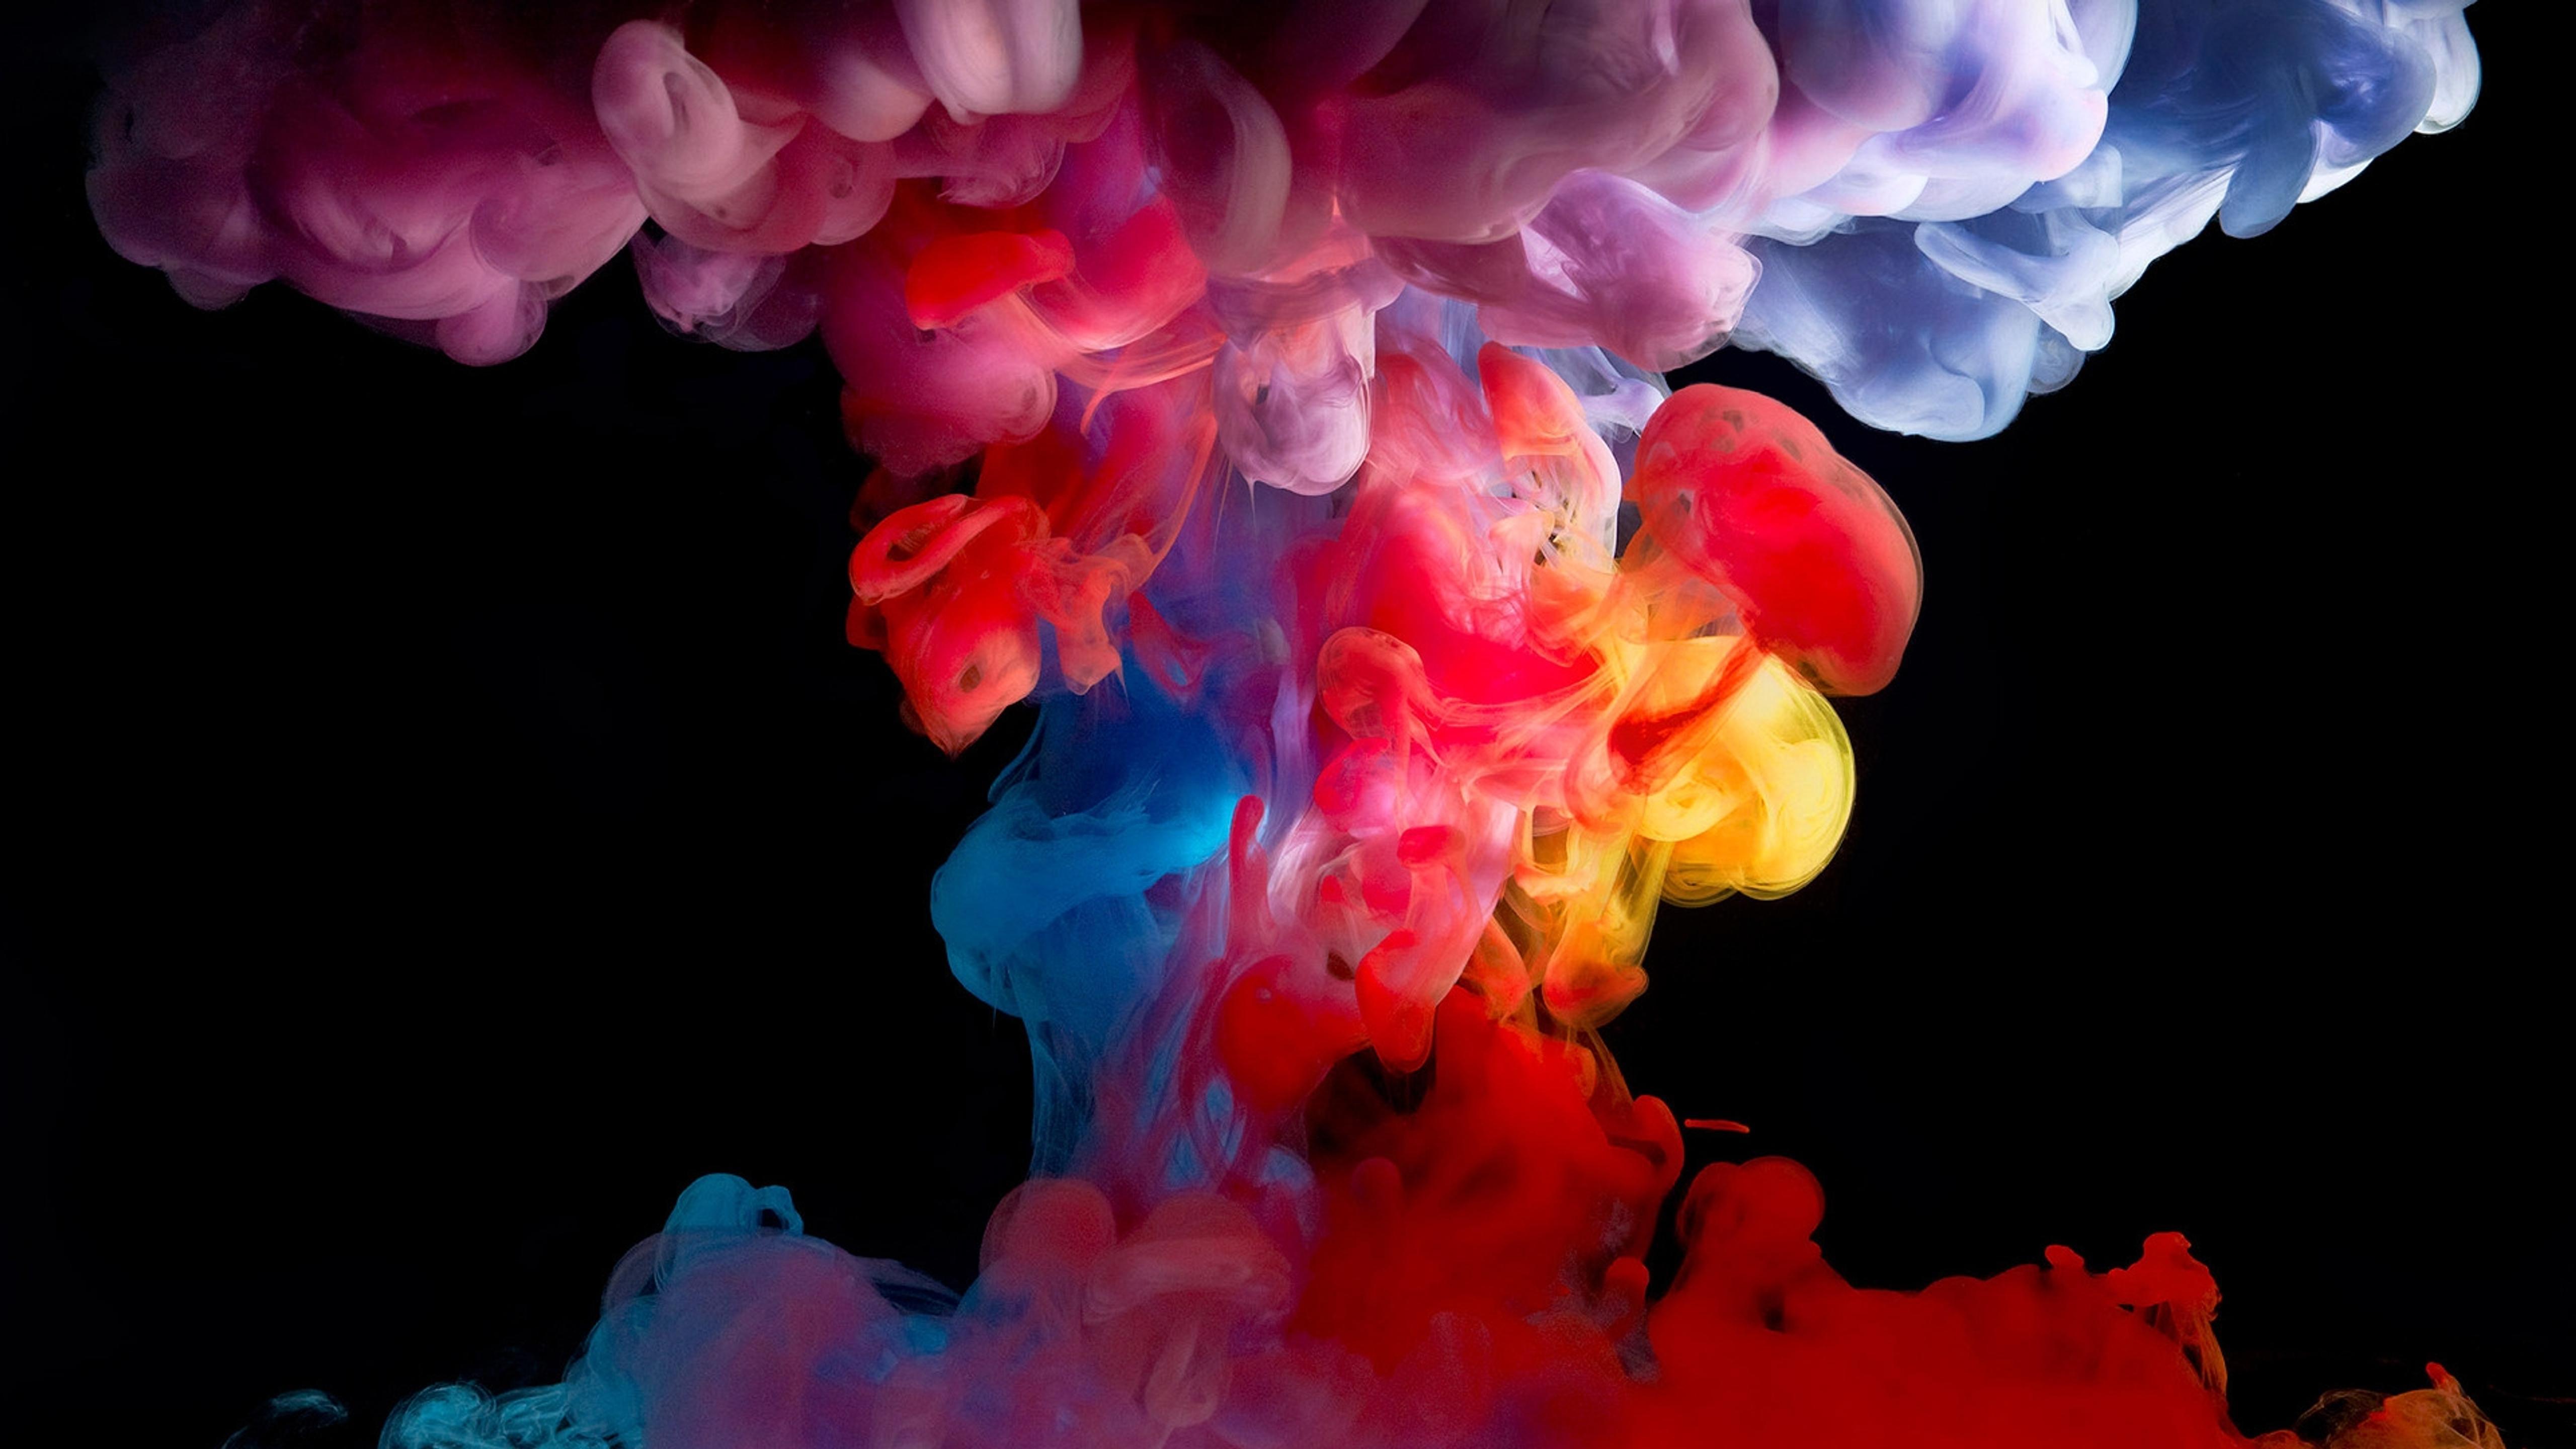 Many Colorful Smoke